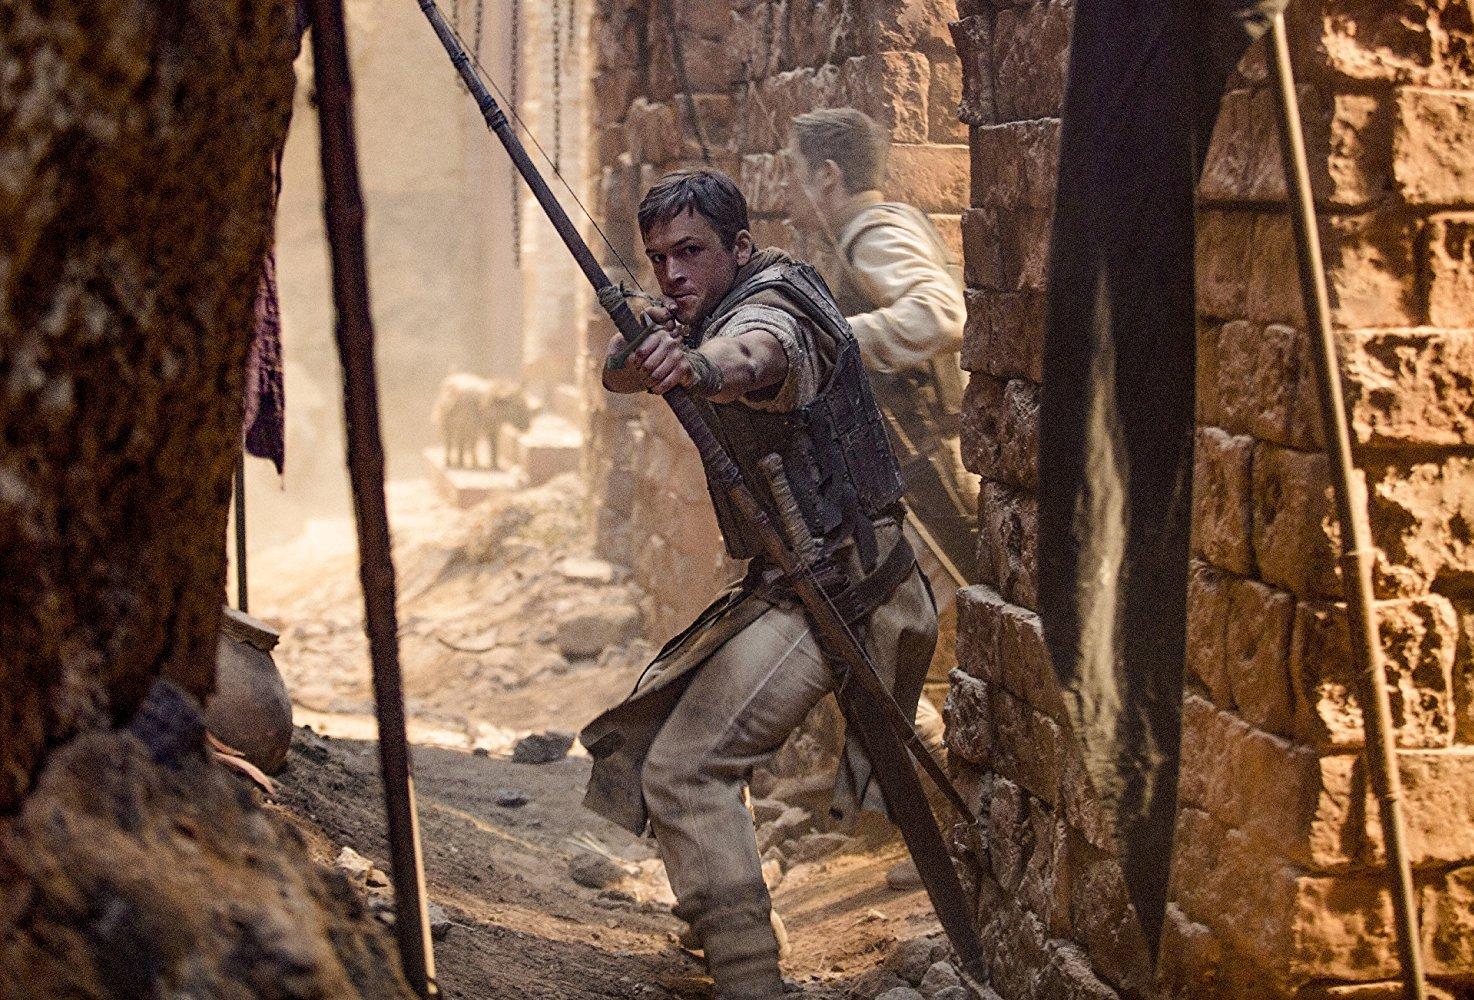 40 film bioskop terbaru tayang 2018 yang pastinya terbaik jackal film